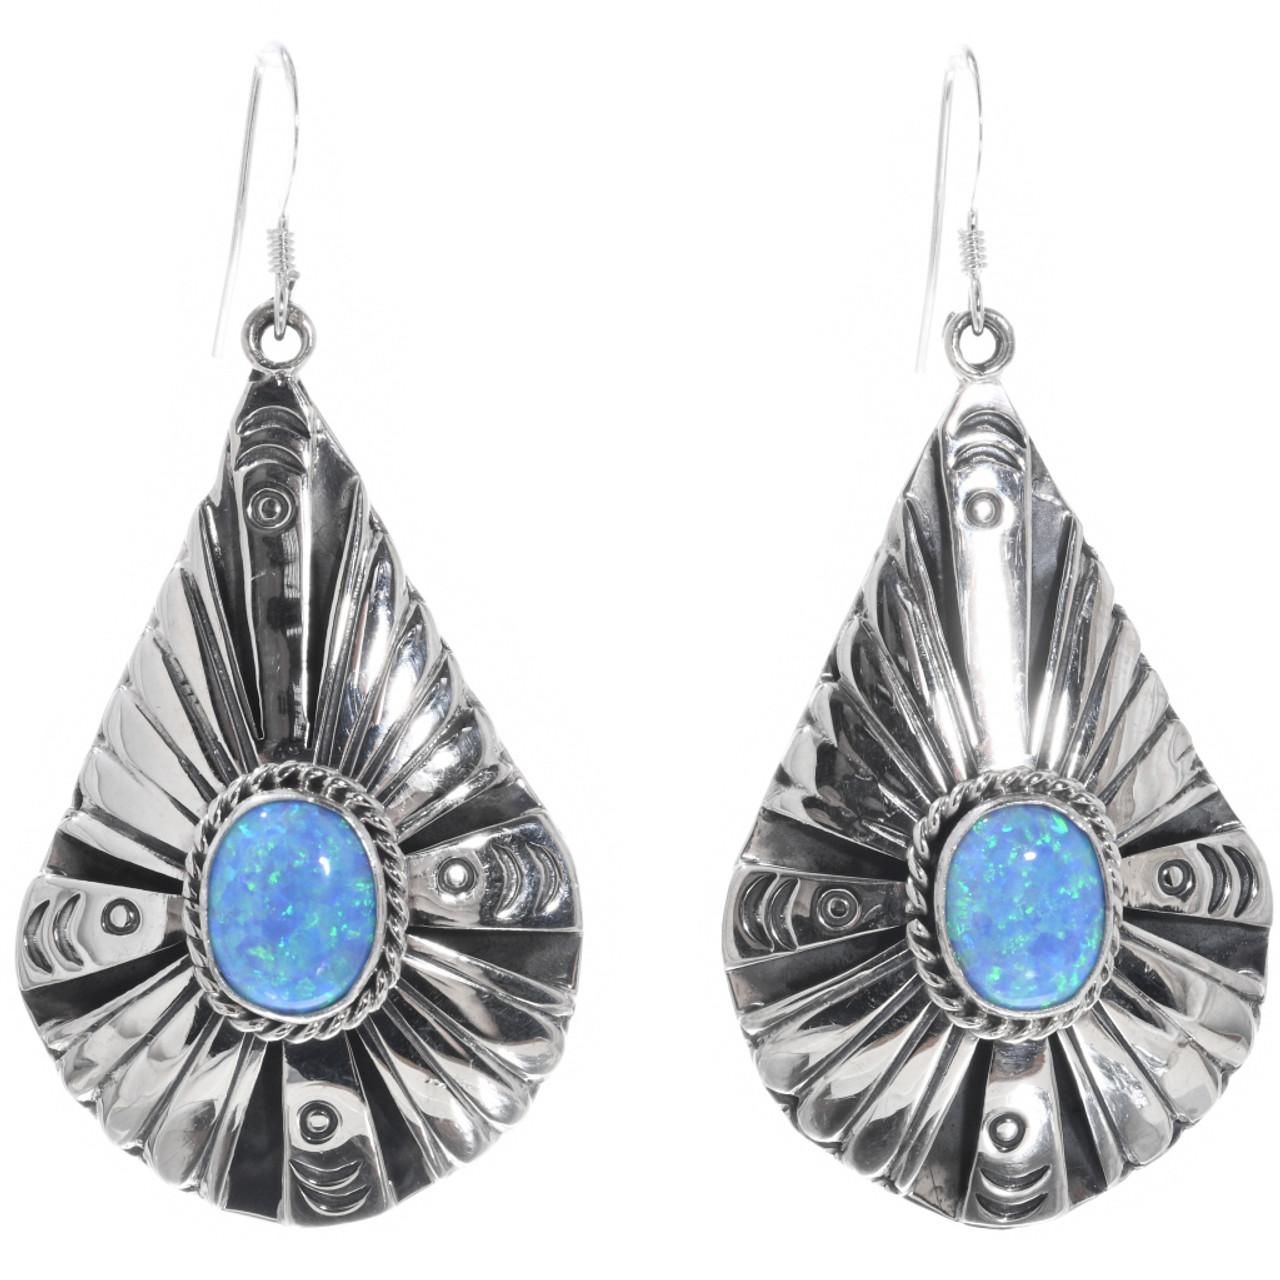 9a5bcaa94b13e Opal Silver Teardrop Dangle Earrings French Hooks by Navajo Henry Attakai  0152